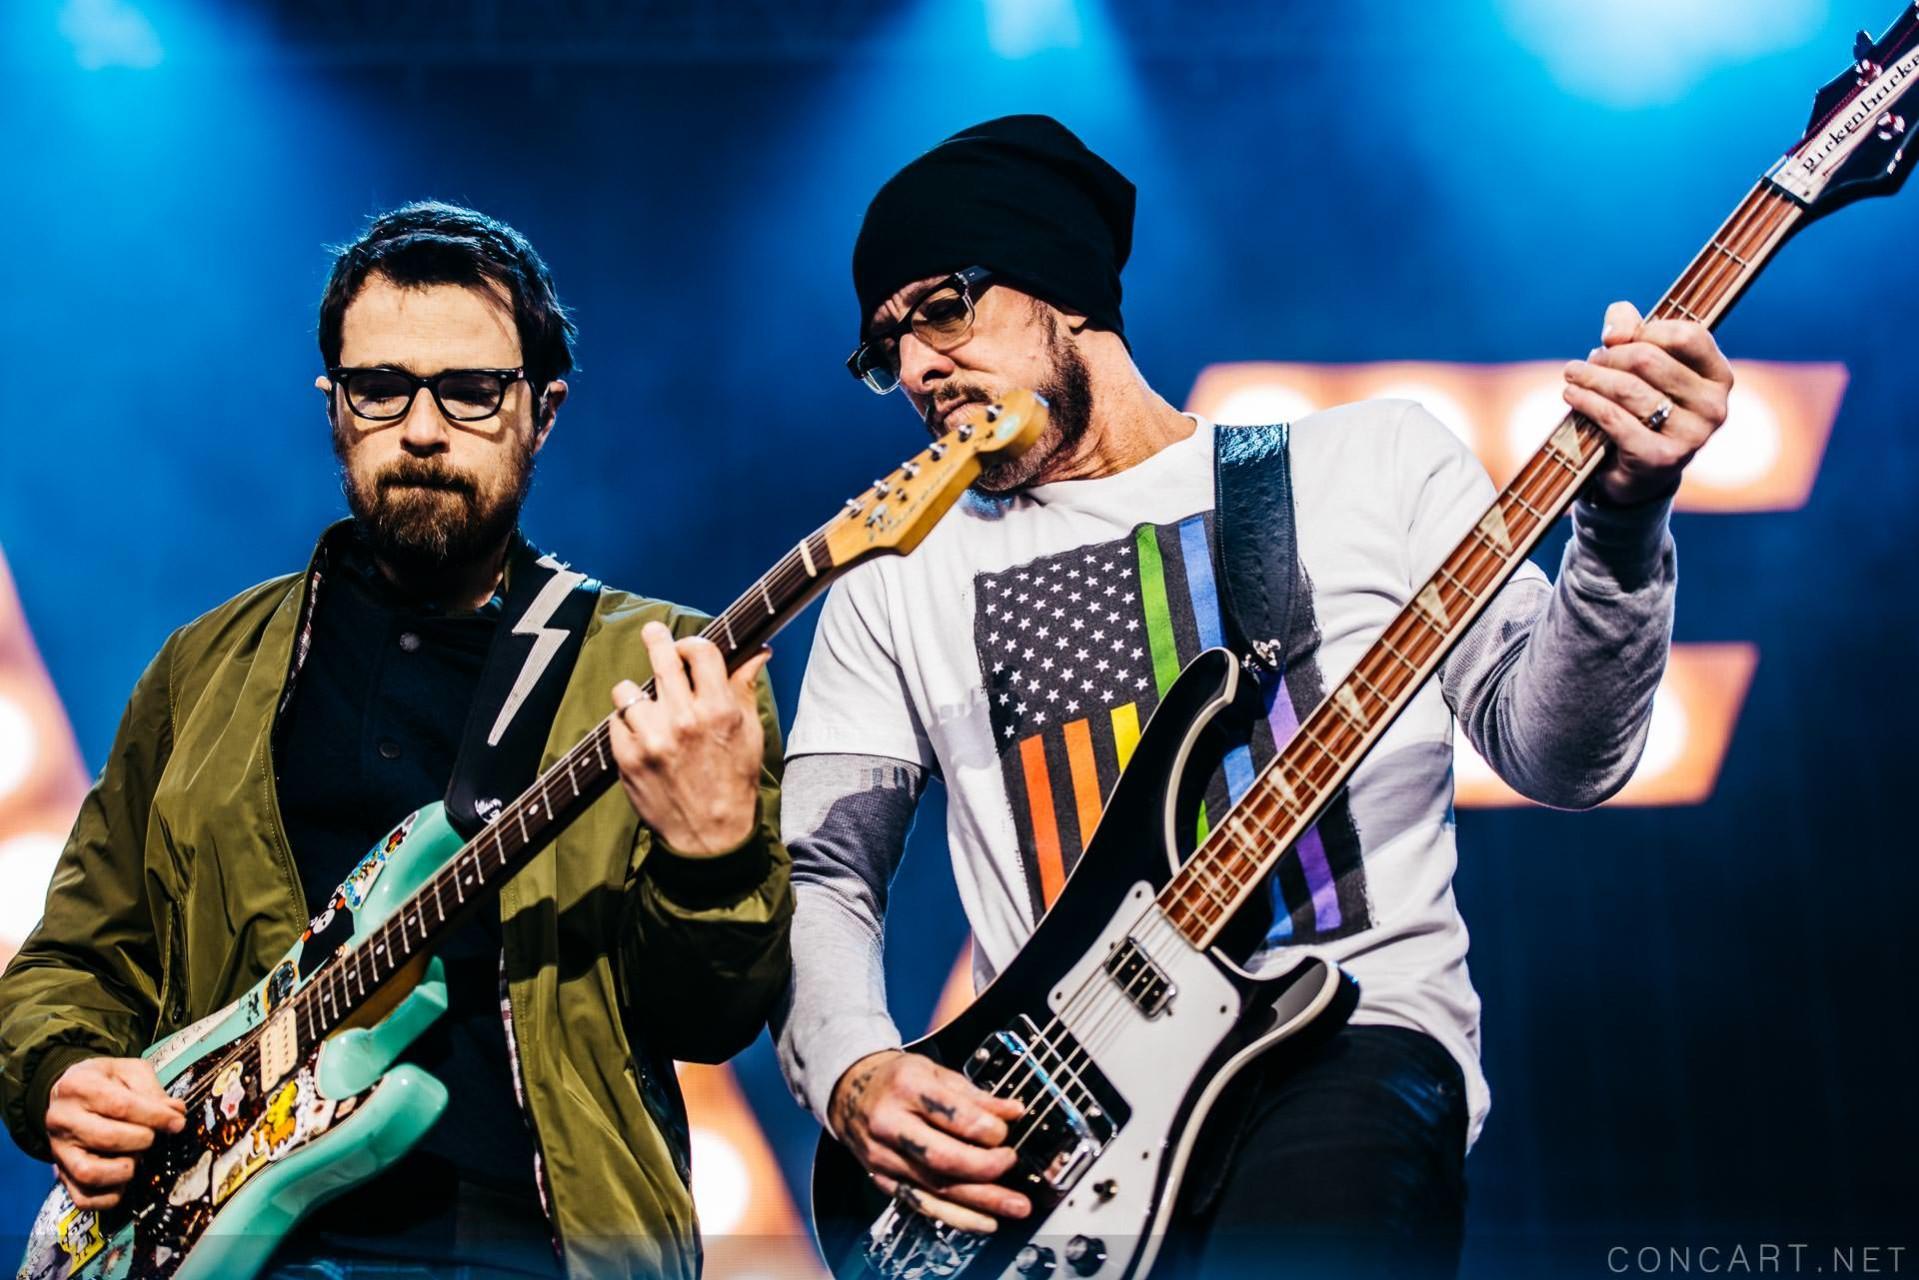 Weezer photo by Sean Molin 17